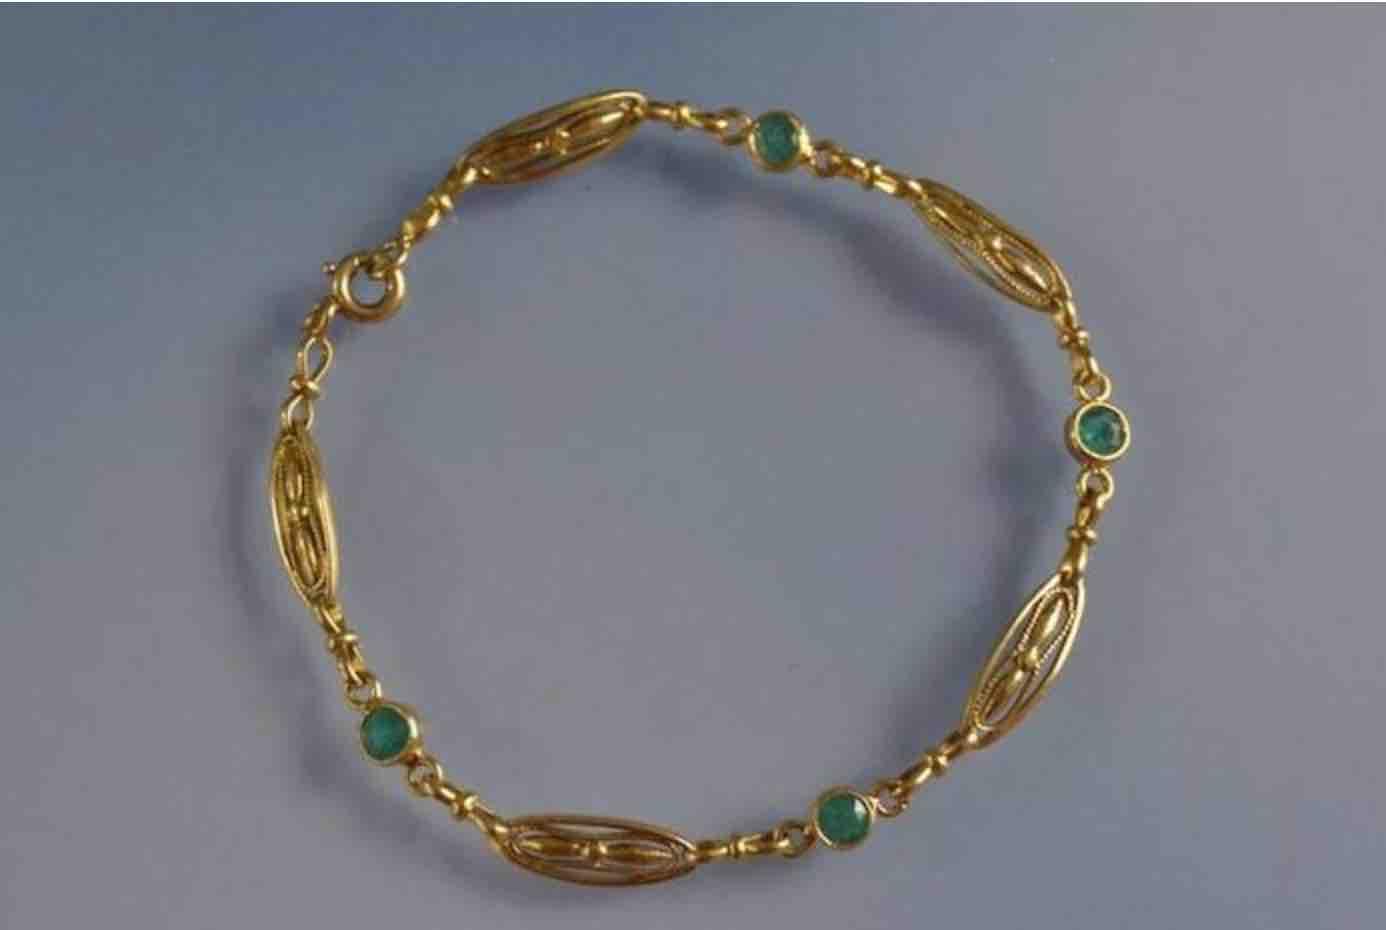 achat bracelet emeraude Napoleon III en or